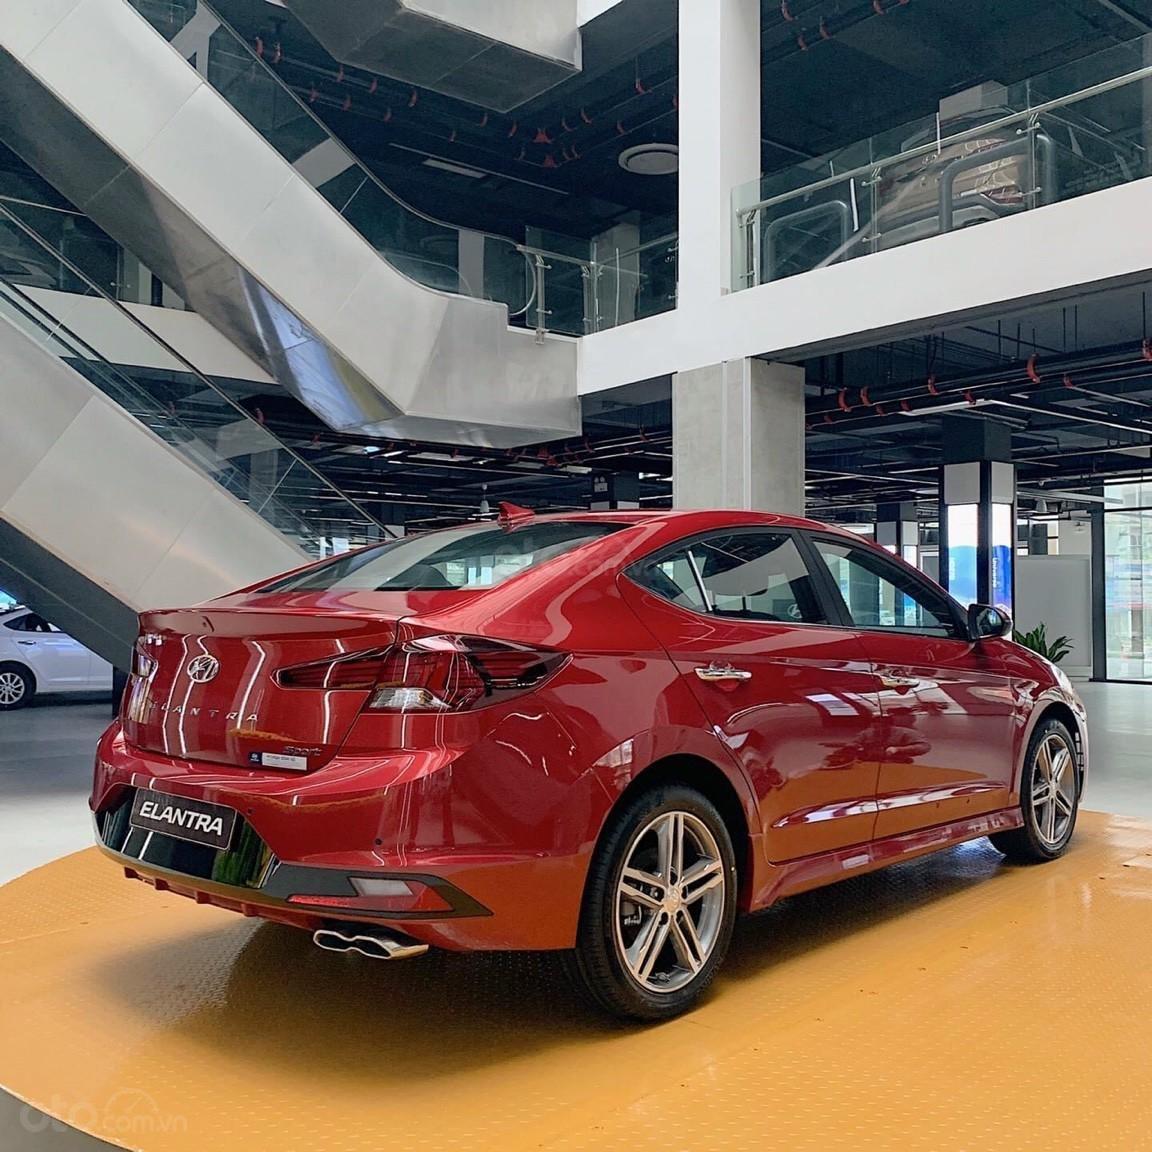 Chỉ từ 150tr đã có xe Hyundai Elantra chính hãng _ giao xe ngay đủ màu + đủ phiên bản, giá tốt nhất miền Nam (7)